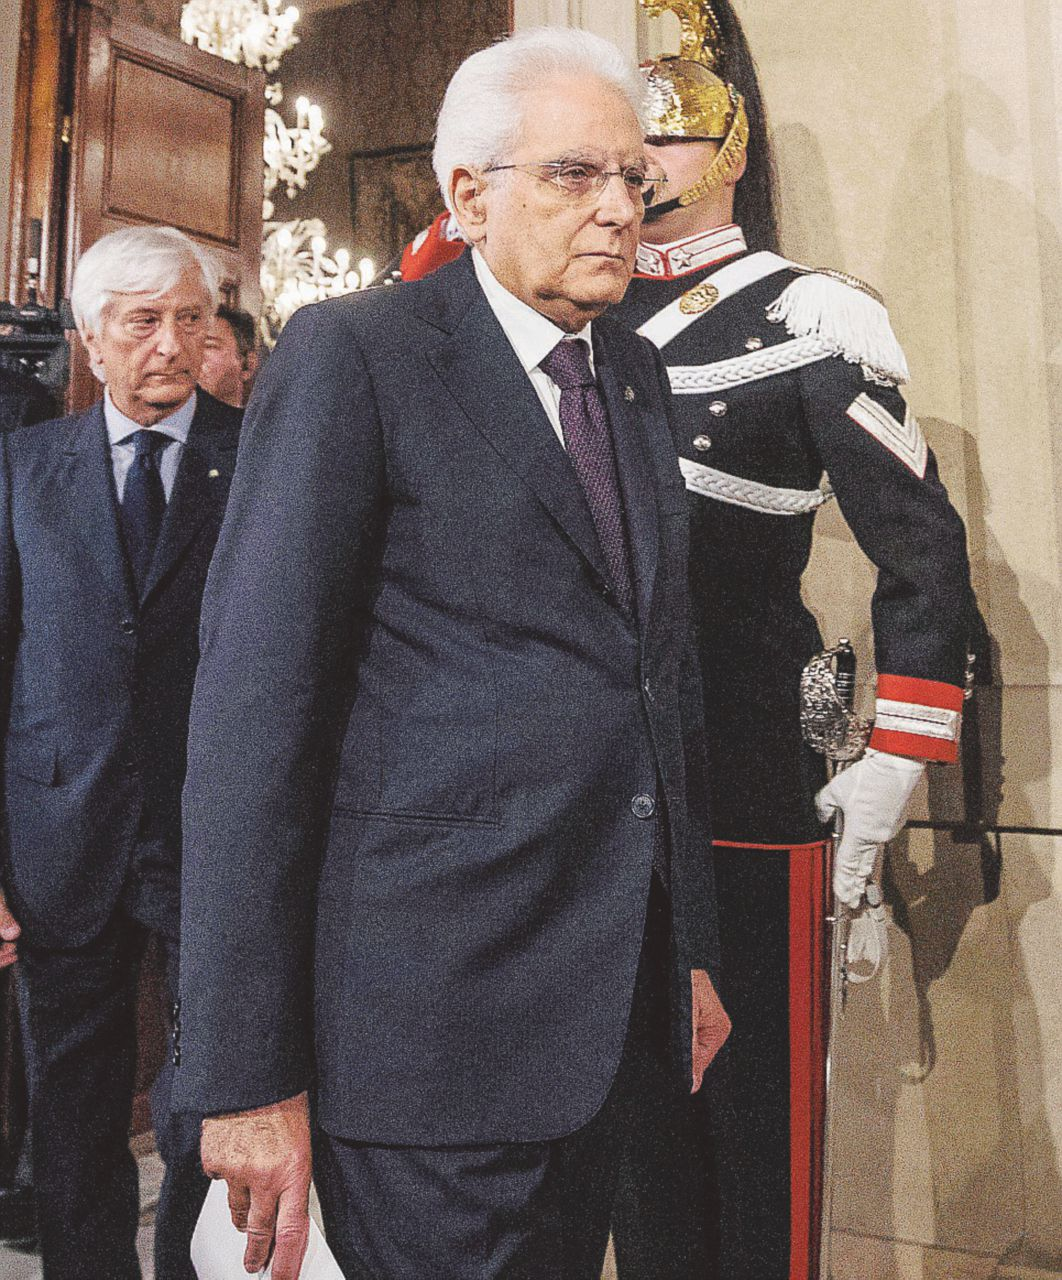 In edicola sul Fatto del 29 maggio: Nessuna possibilità per la fiducia a Cottarelli (e niente Finanziaria)